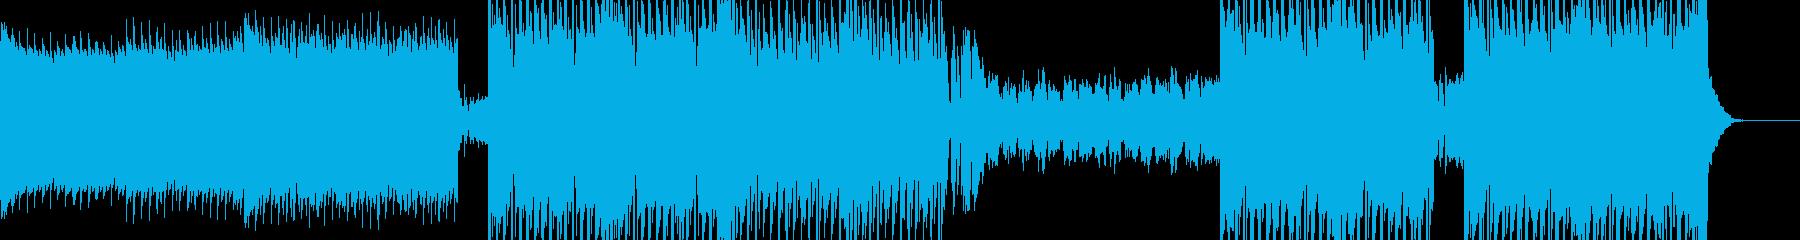 明るいテンションが高めのユーロビートの再生済みの波形